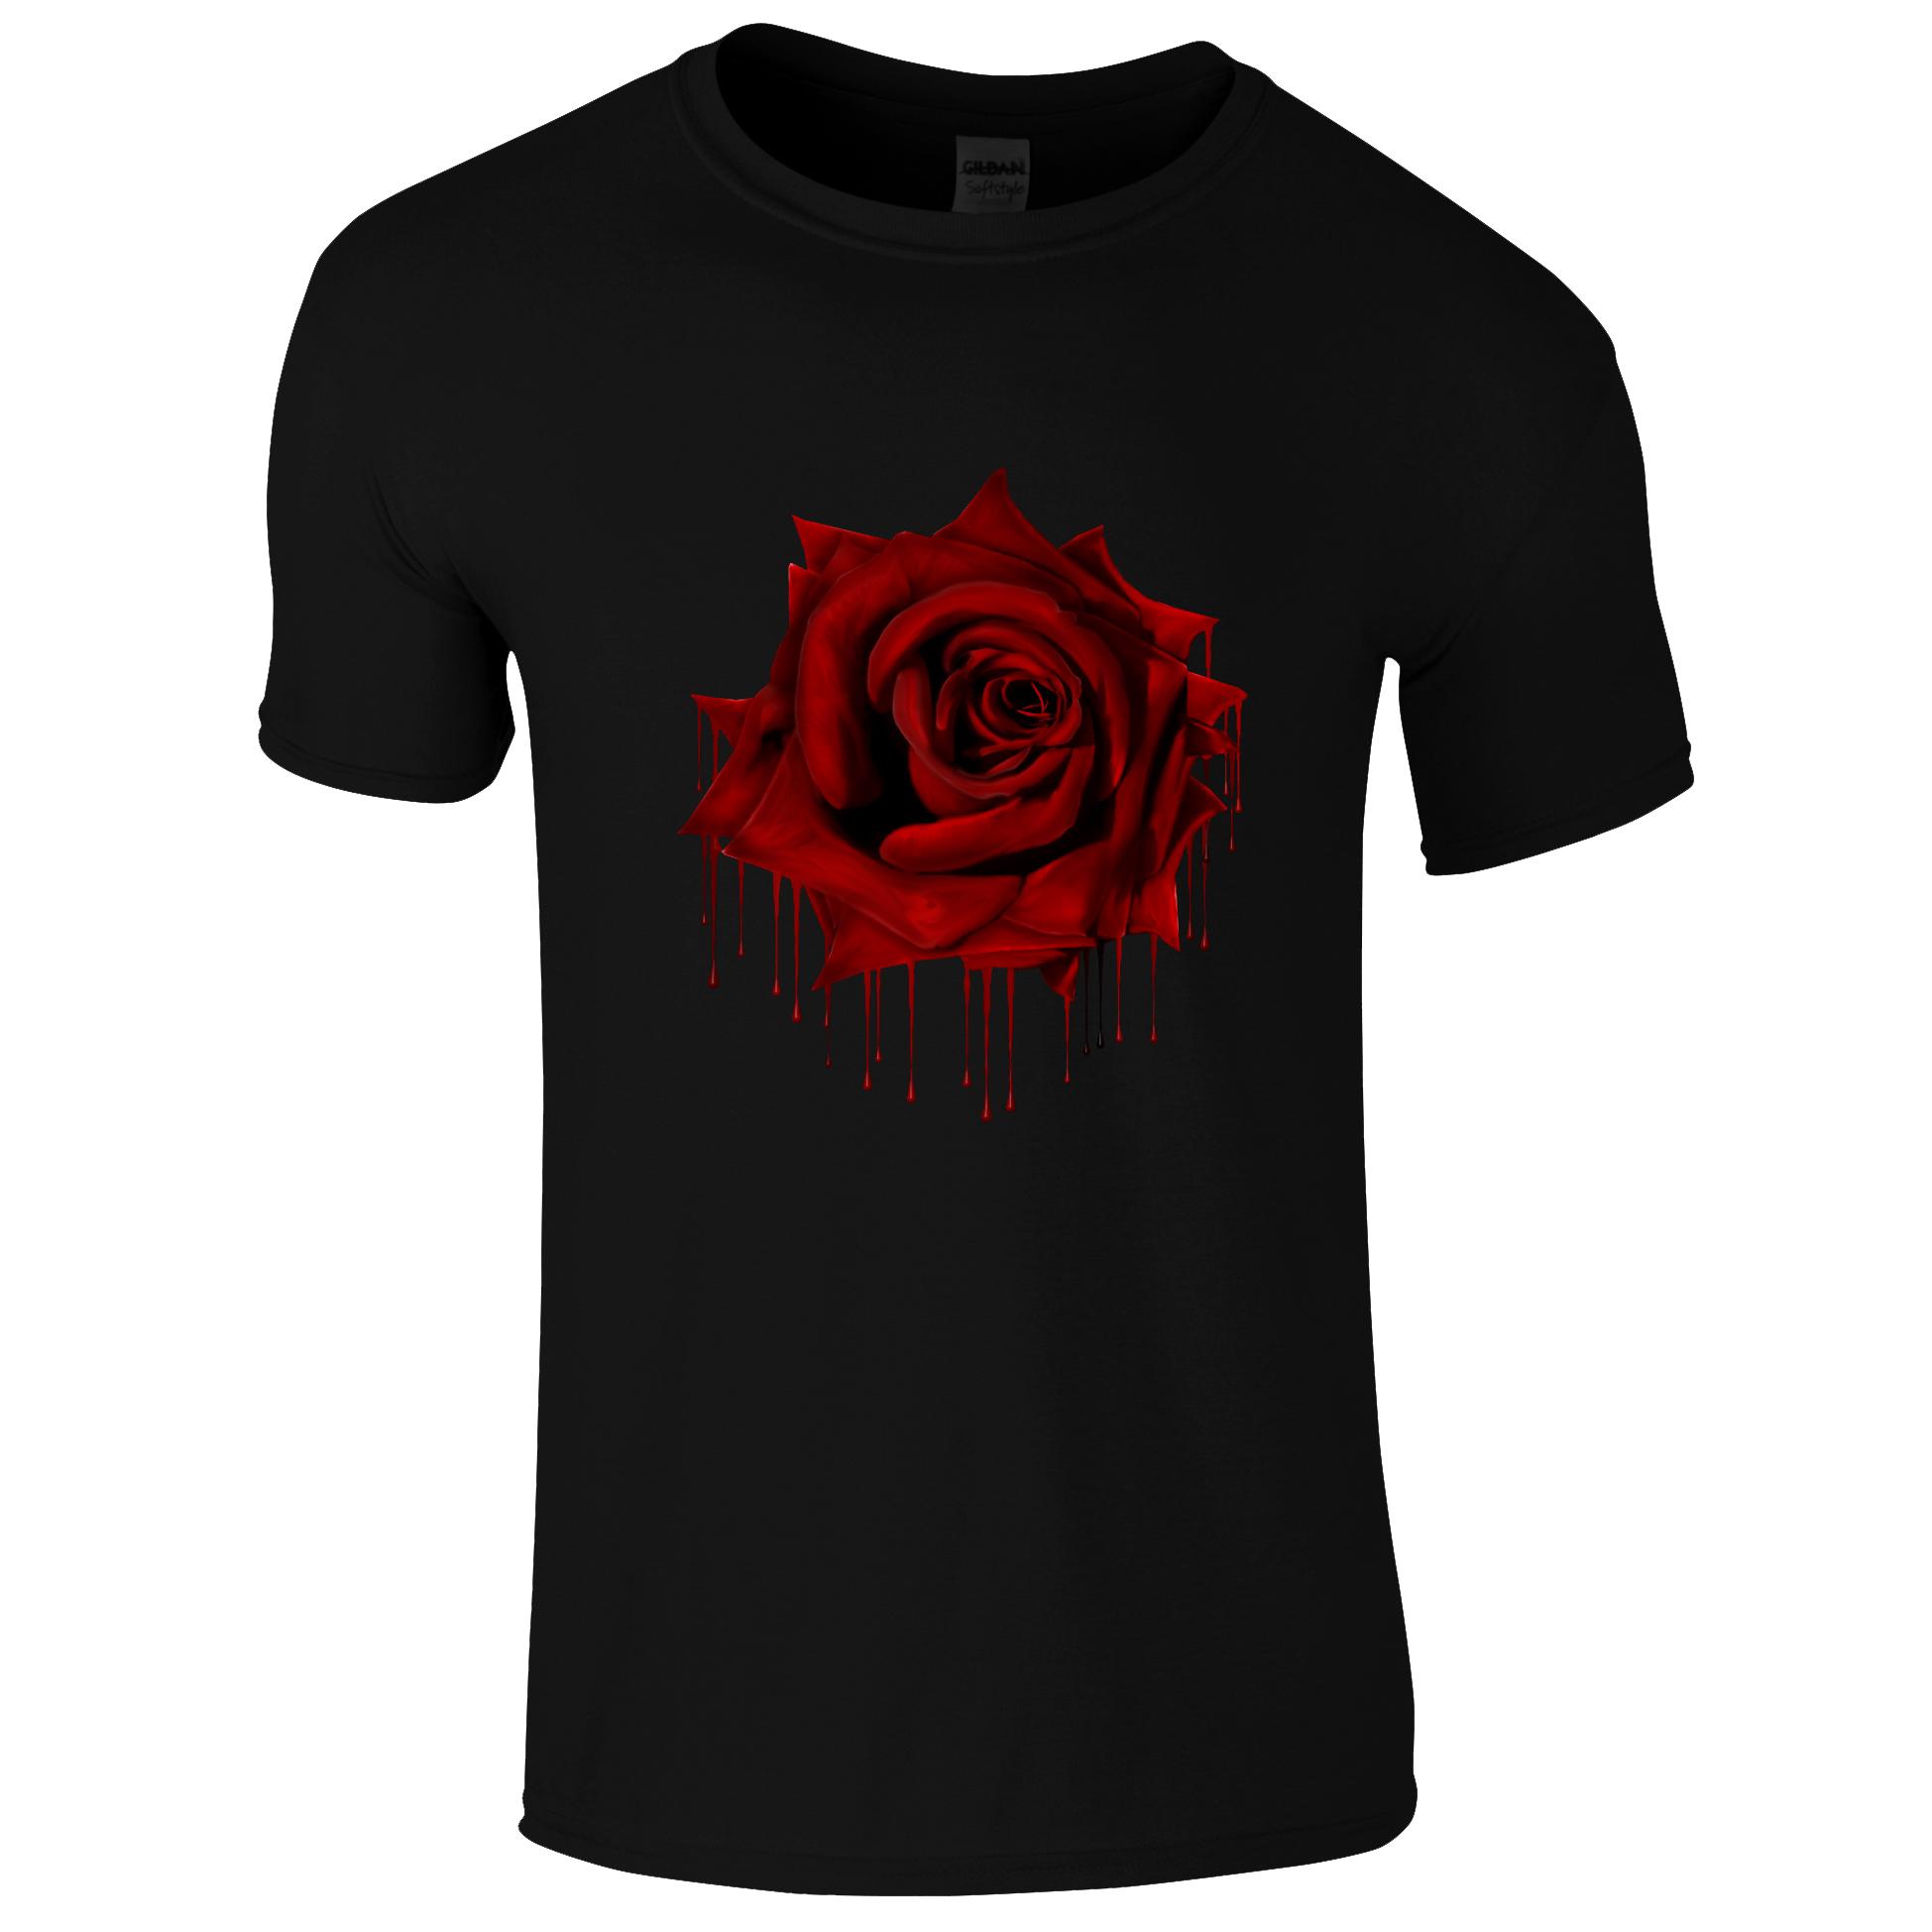 Schwarzes Gothic Shirt mit roter Rose